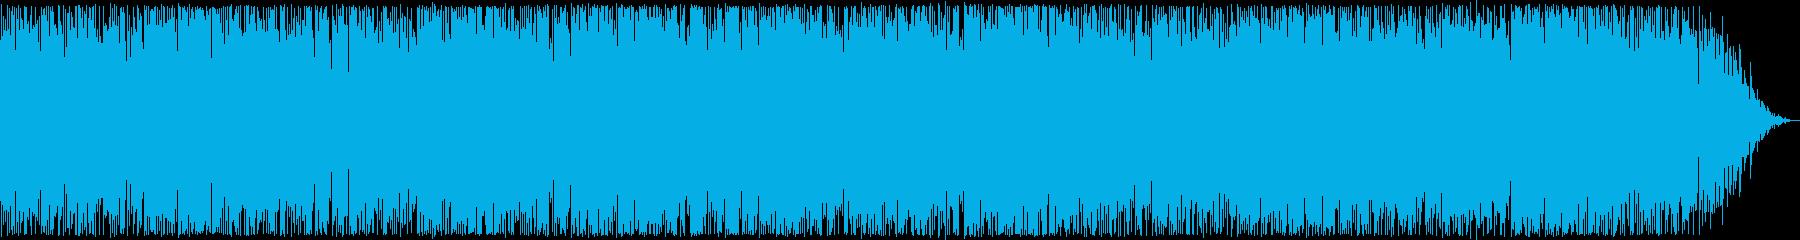 お洒落なトランペットシンセサウンドの再生済みの波形